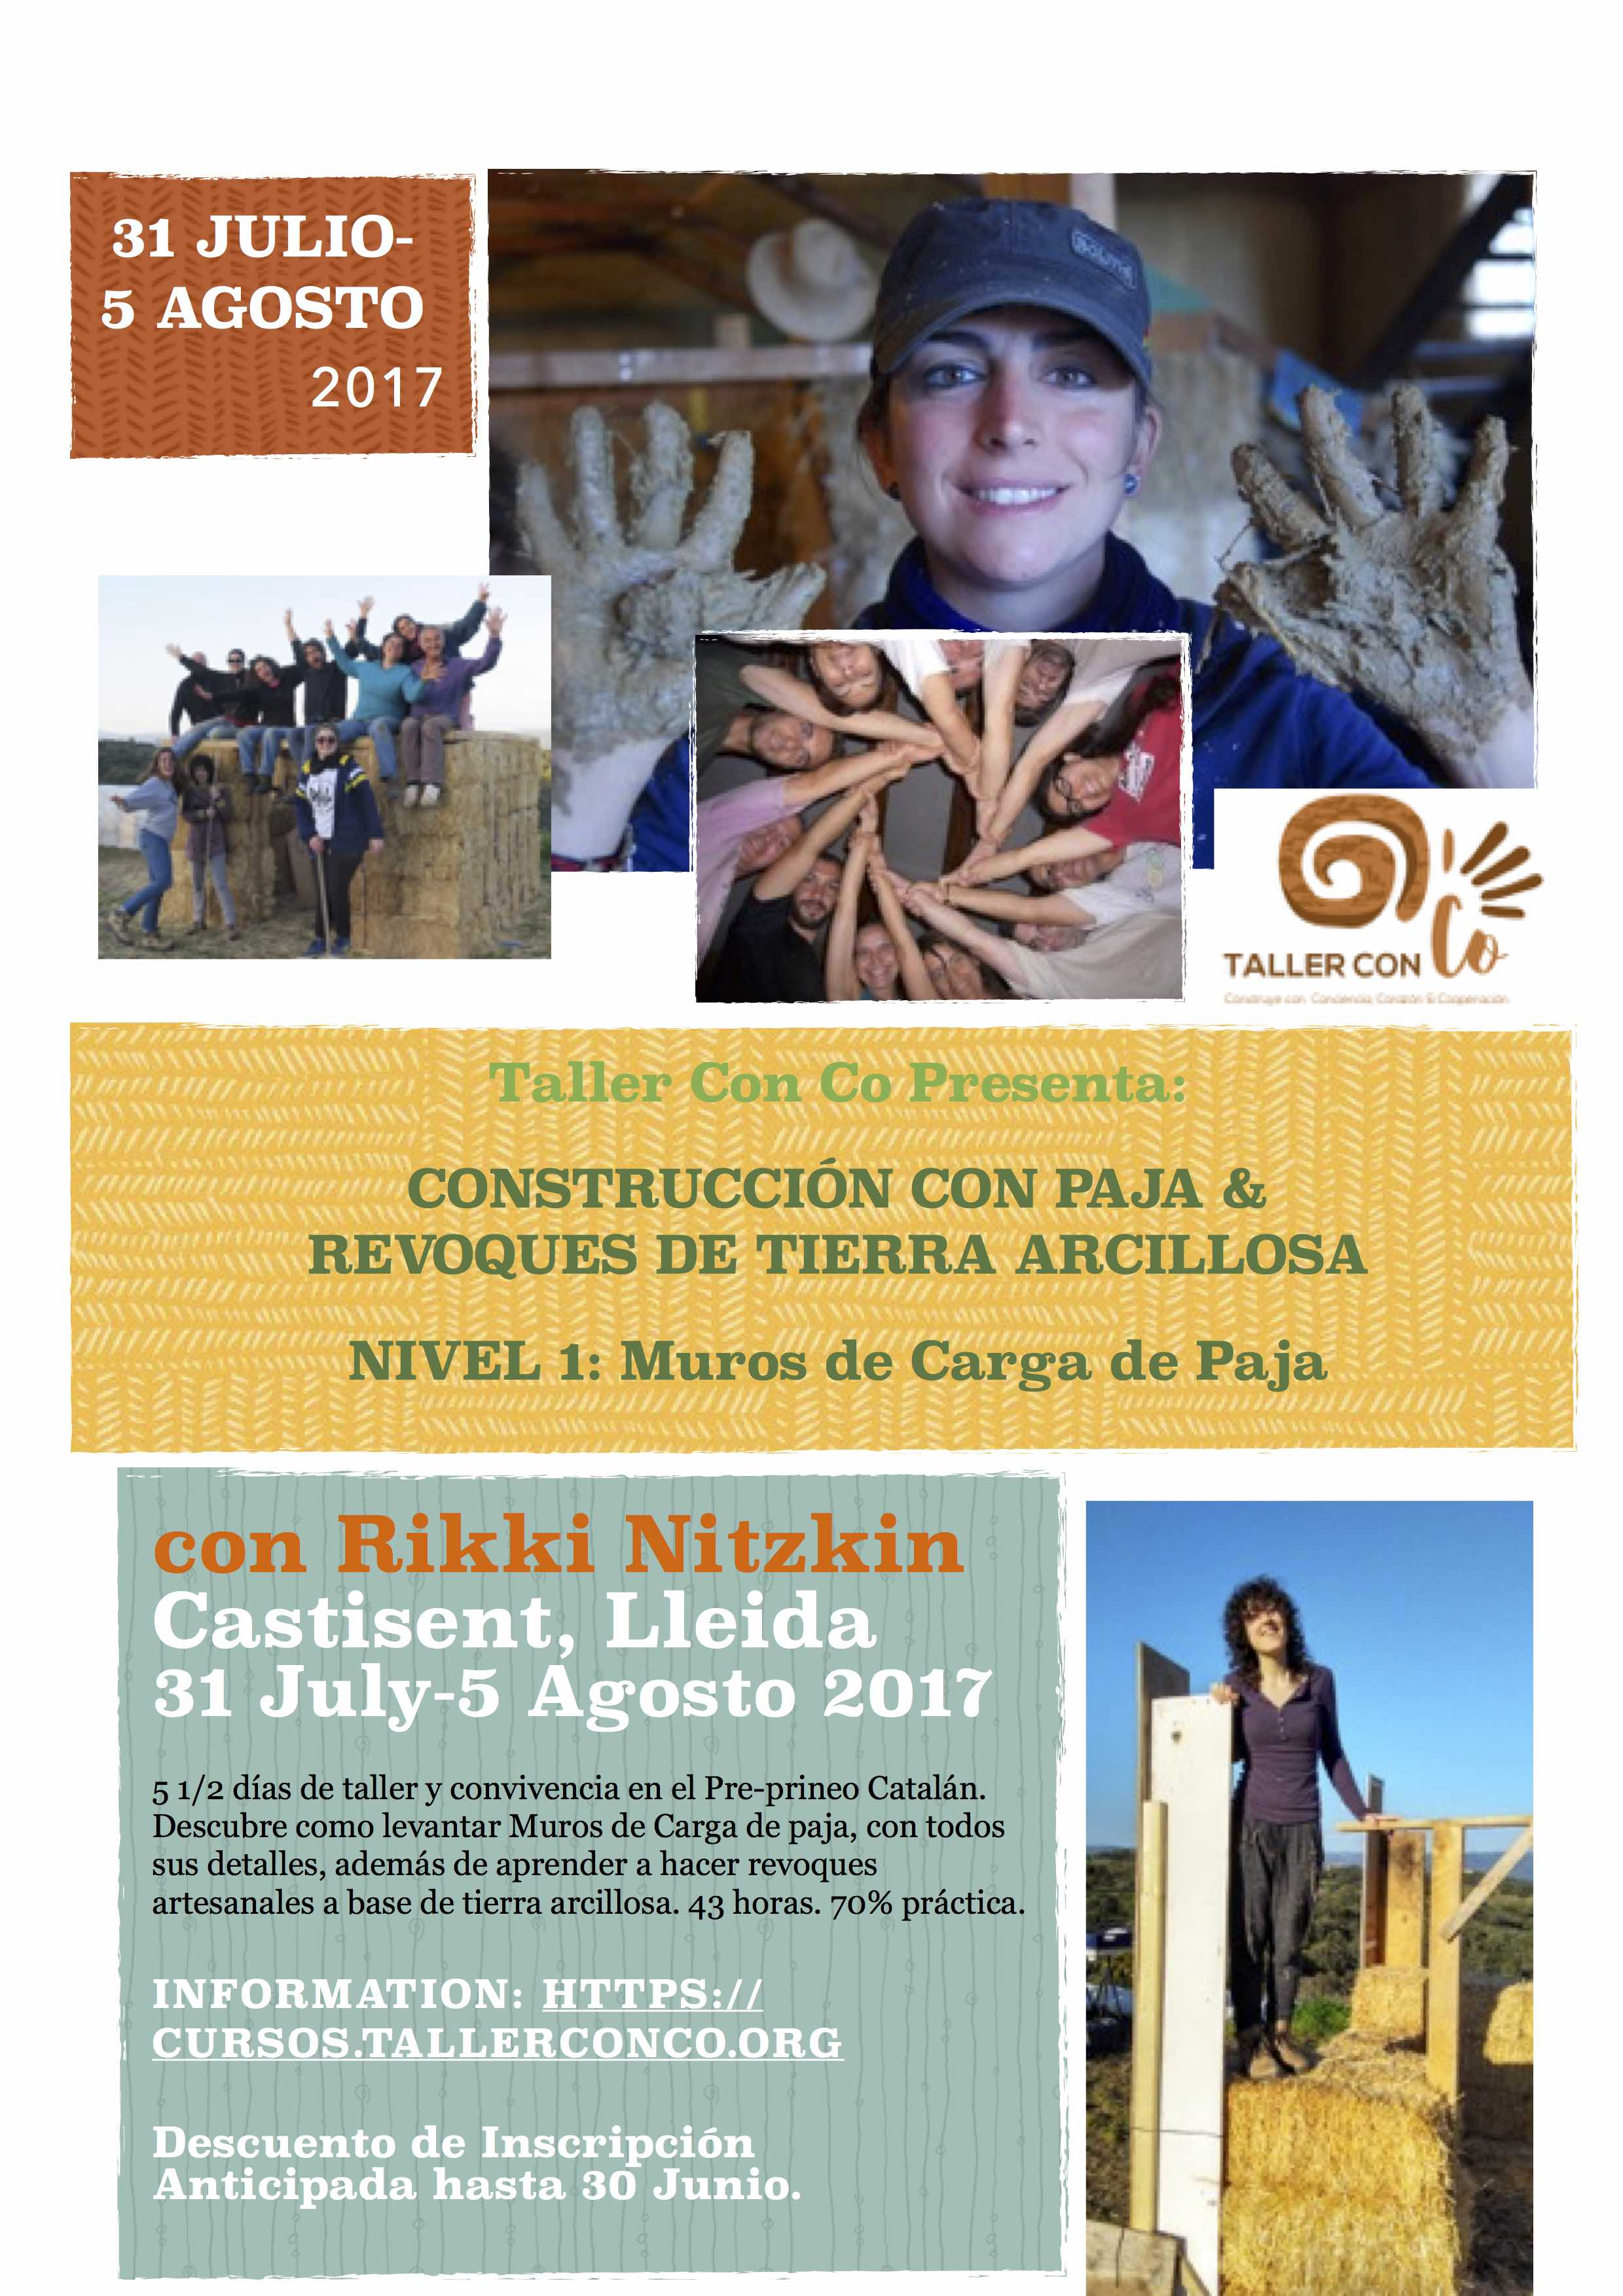 Descuento de Inscripción Anticipada: Taller Nivel 1 en Lleida (31 Julio-5 Agosto)